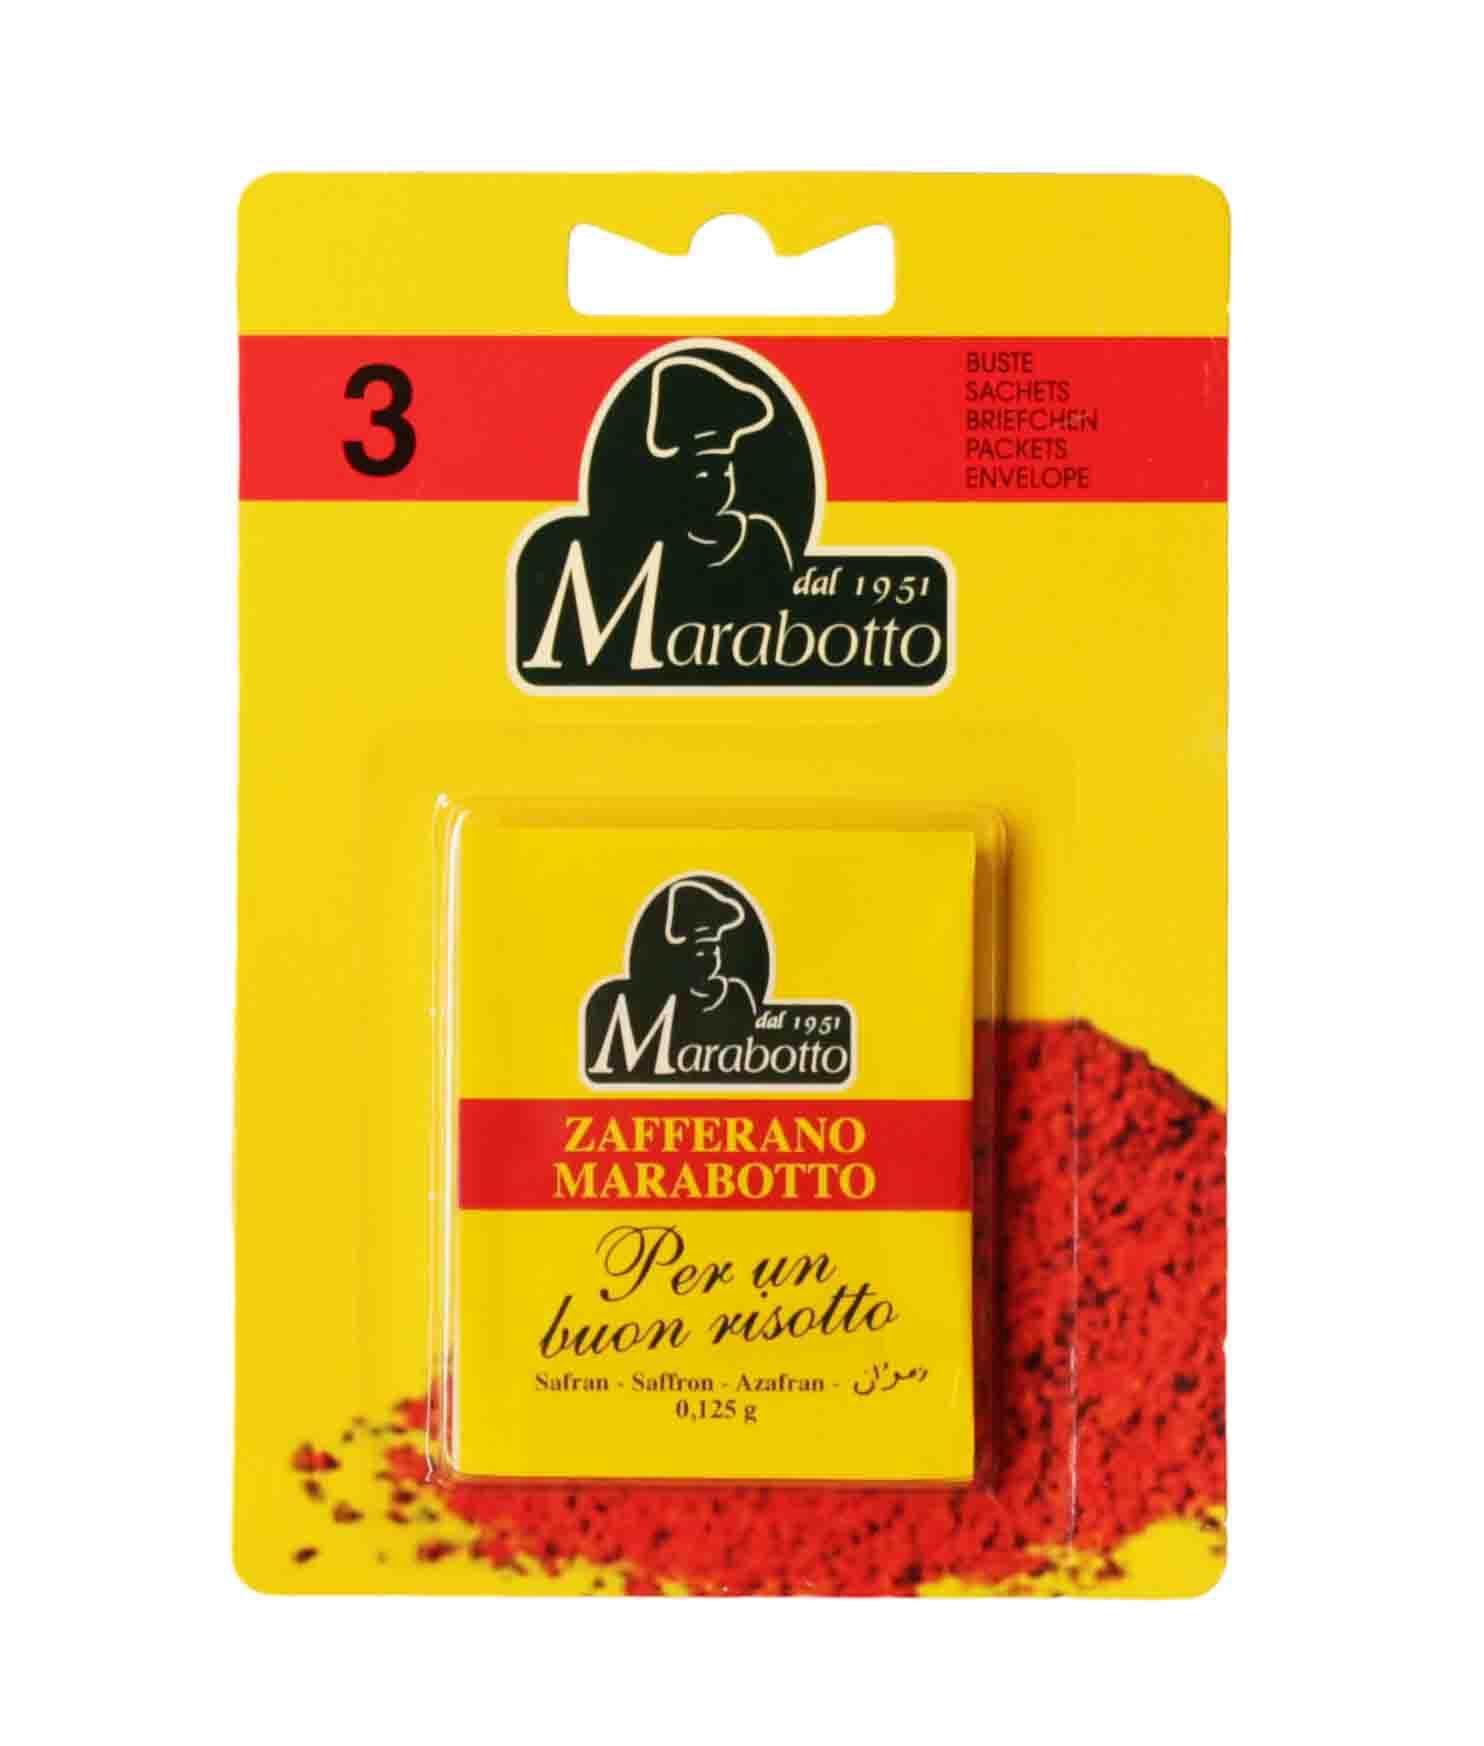 Marabotto Zafferano (3 x 0,125 g)